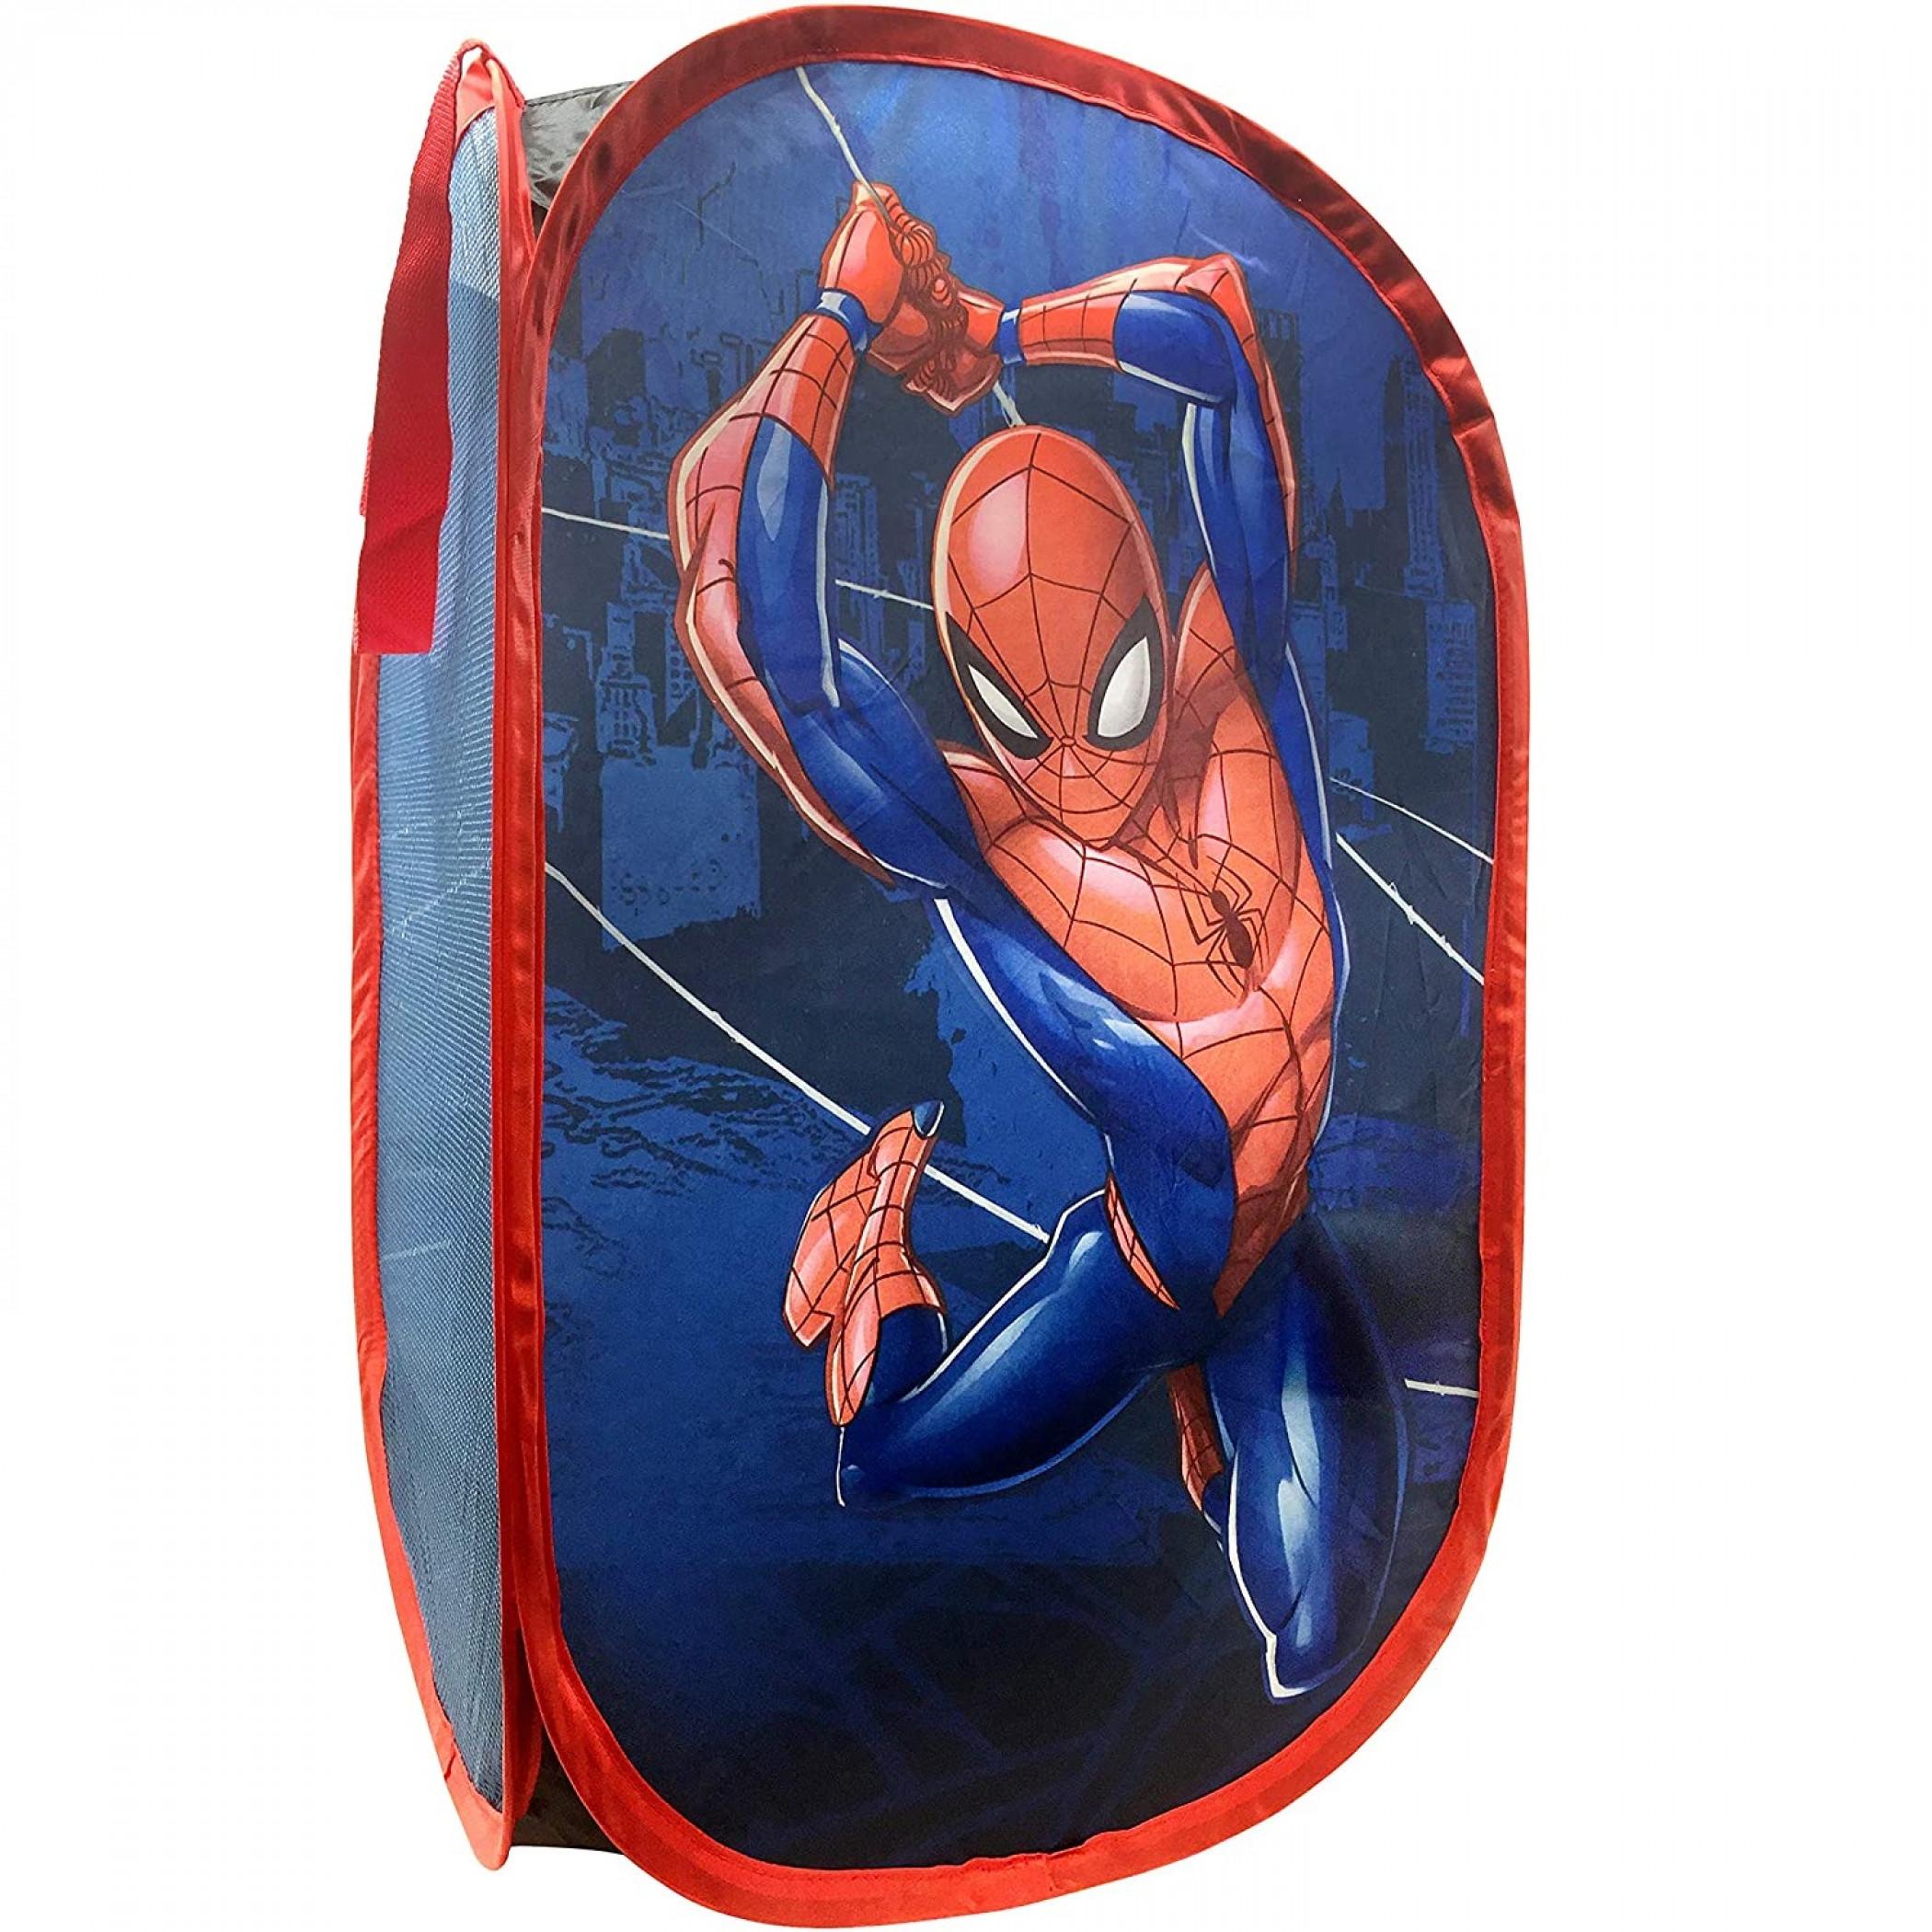 Spider-Man Web Sling Pop Up Hamper